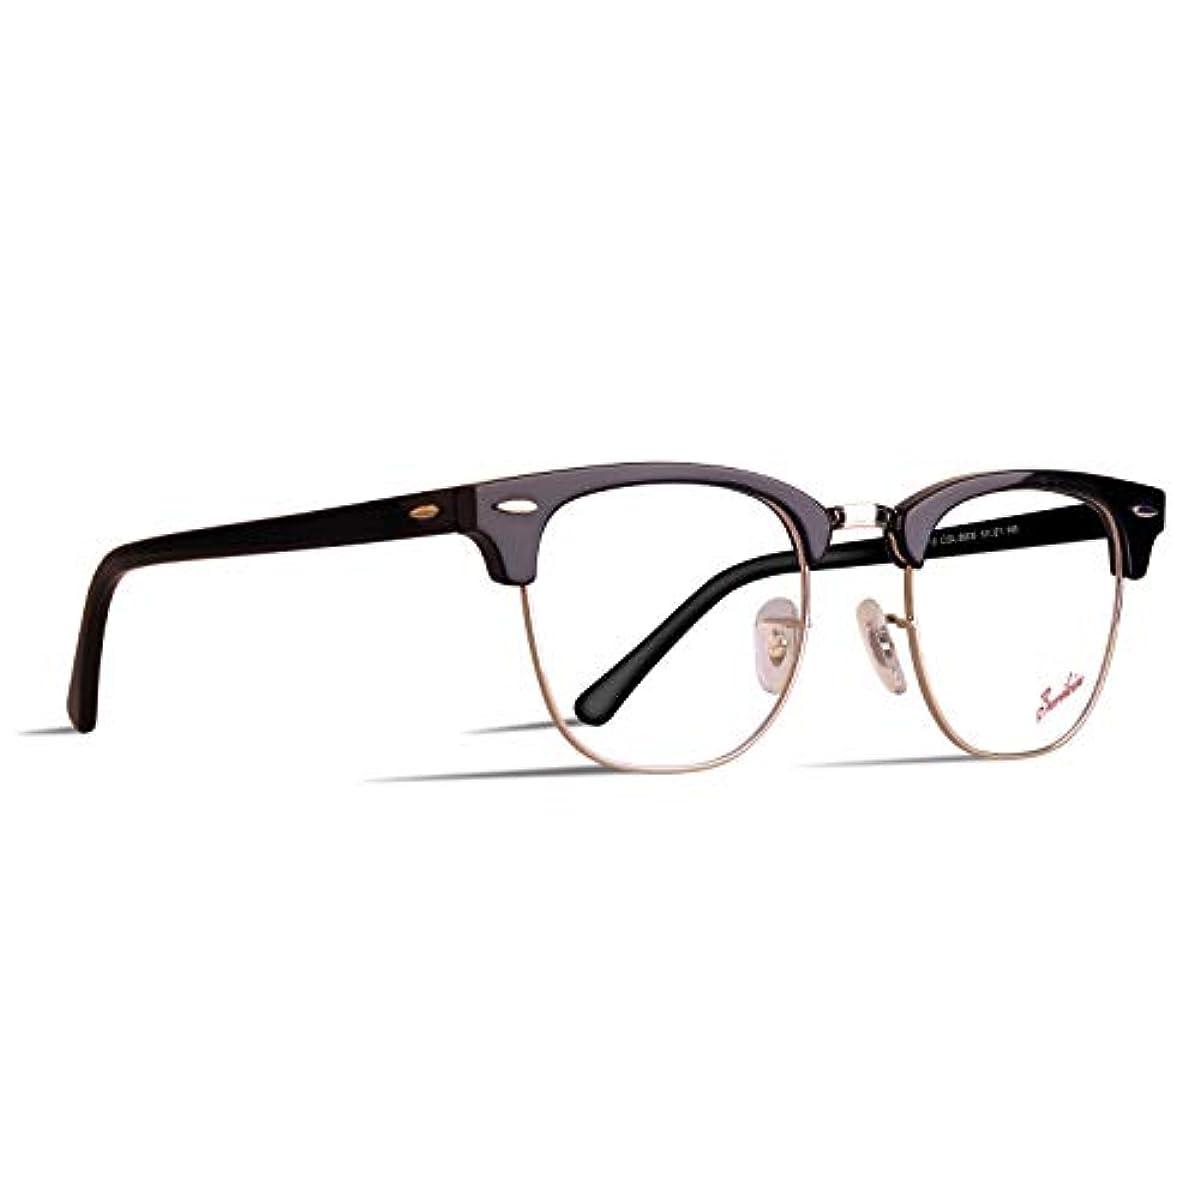 [해외] BERIKIN 썬글라스 고품질 유리 블로우 새먼salmon도 클래식 유니 맨즈 레이디스 UV400 SUNGLASS FOR MEN WOMEN